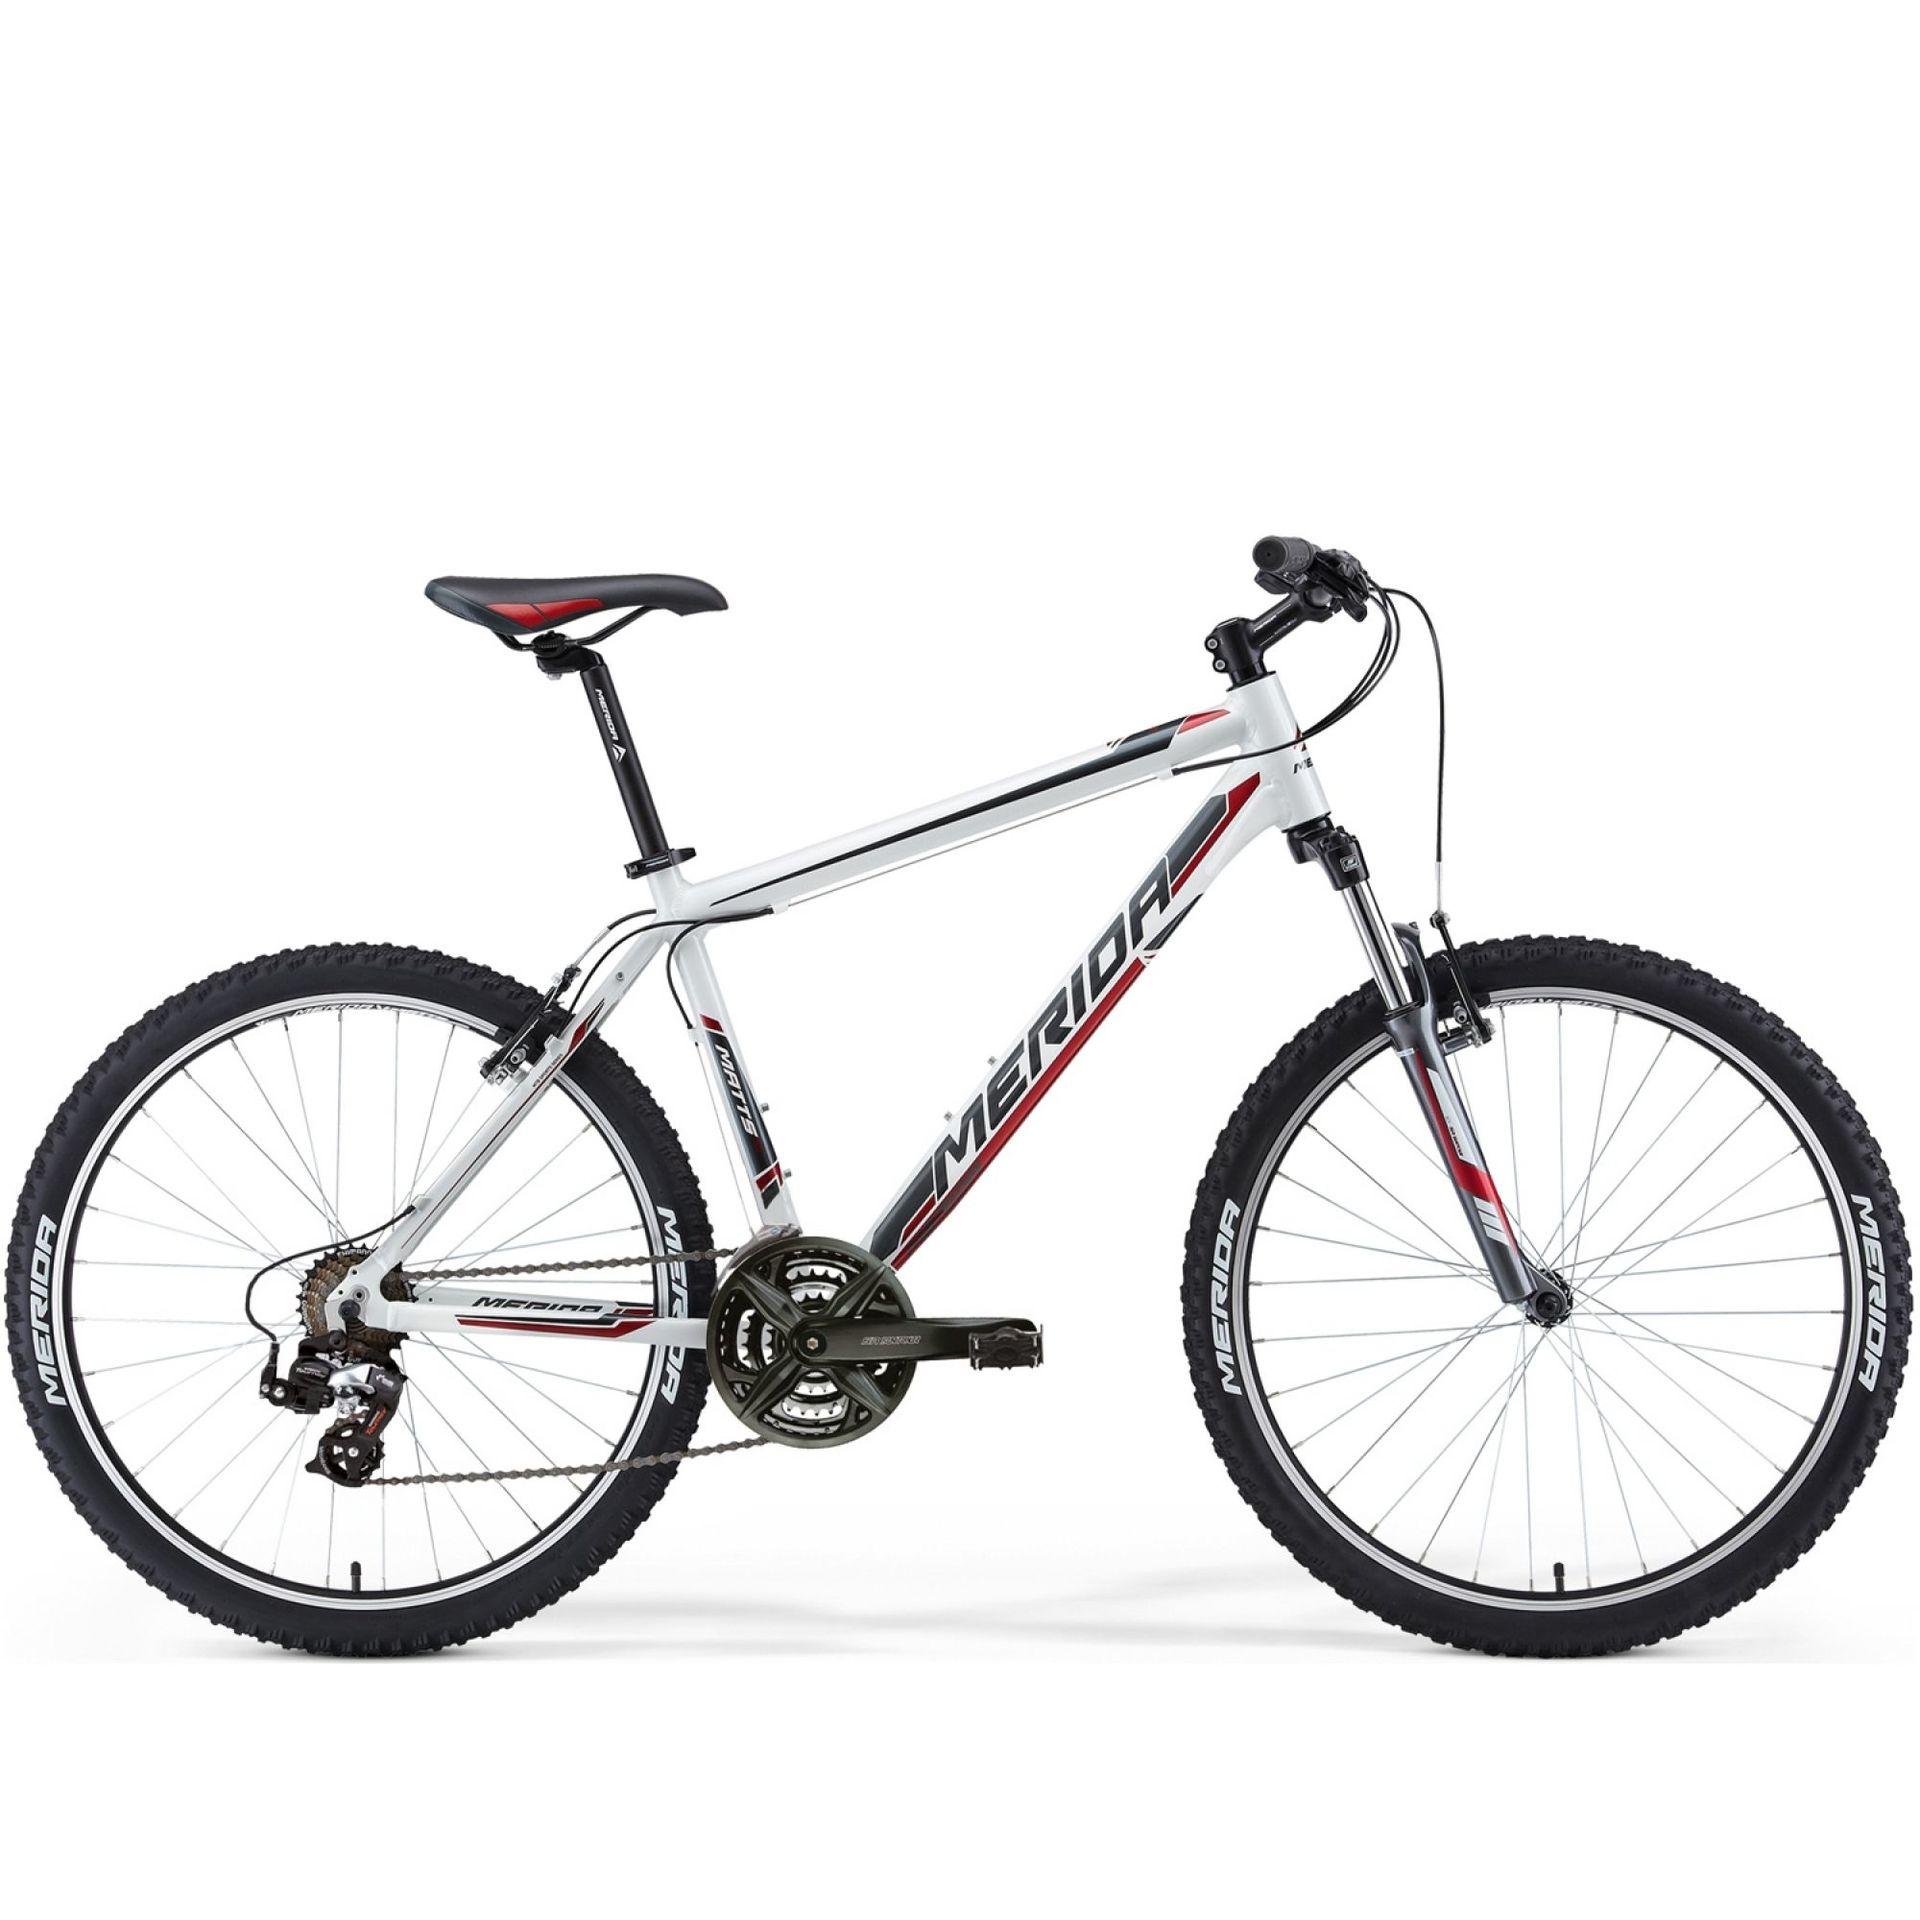 Rower Merida Matts 5-V biały|czarny|czerwony